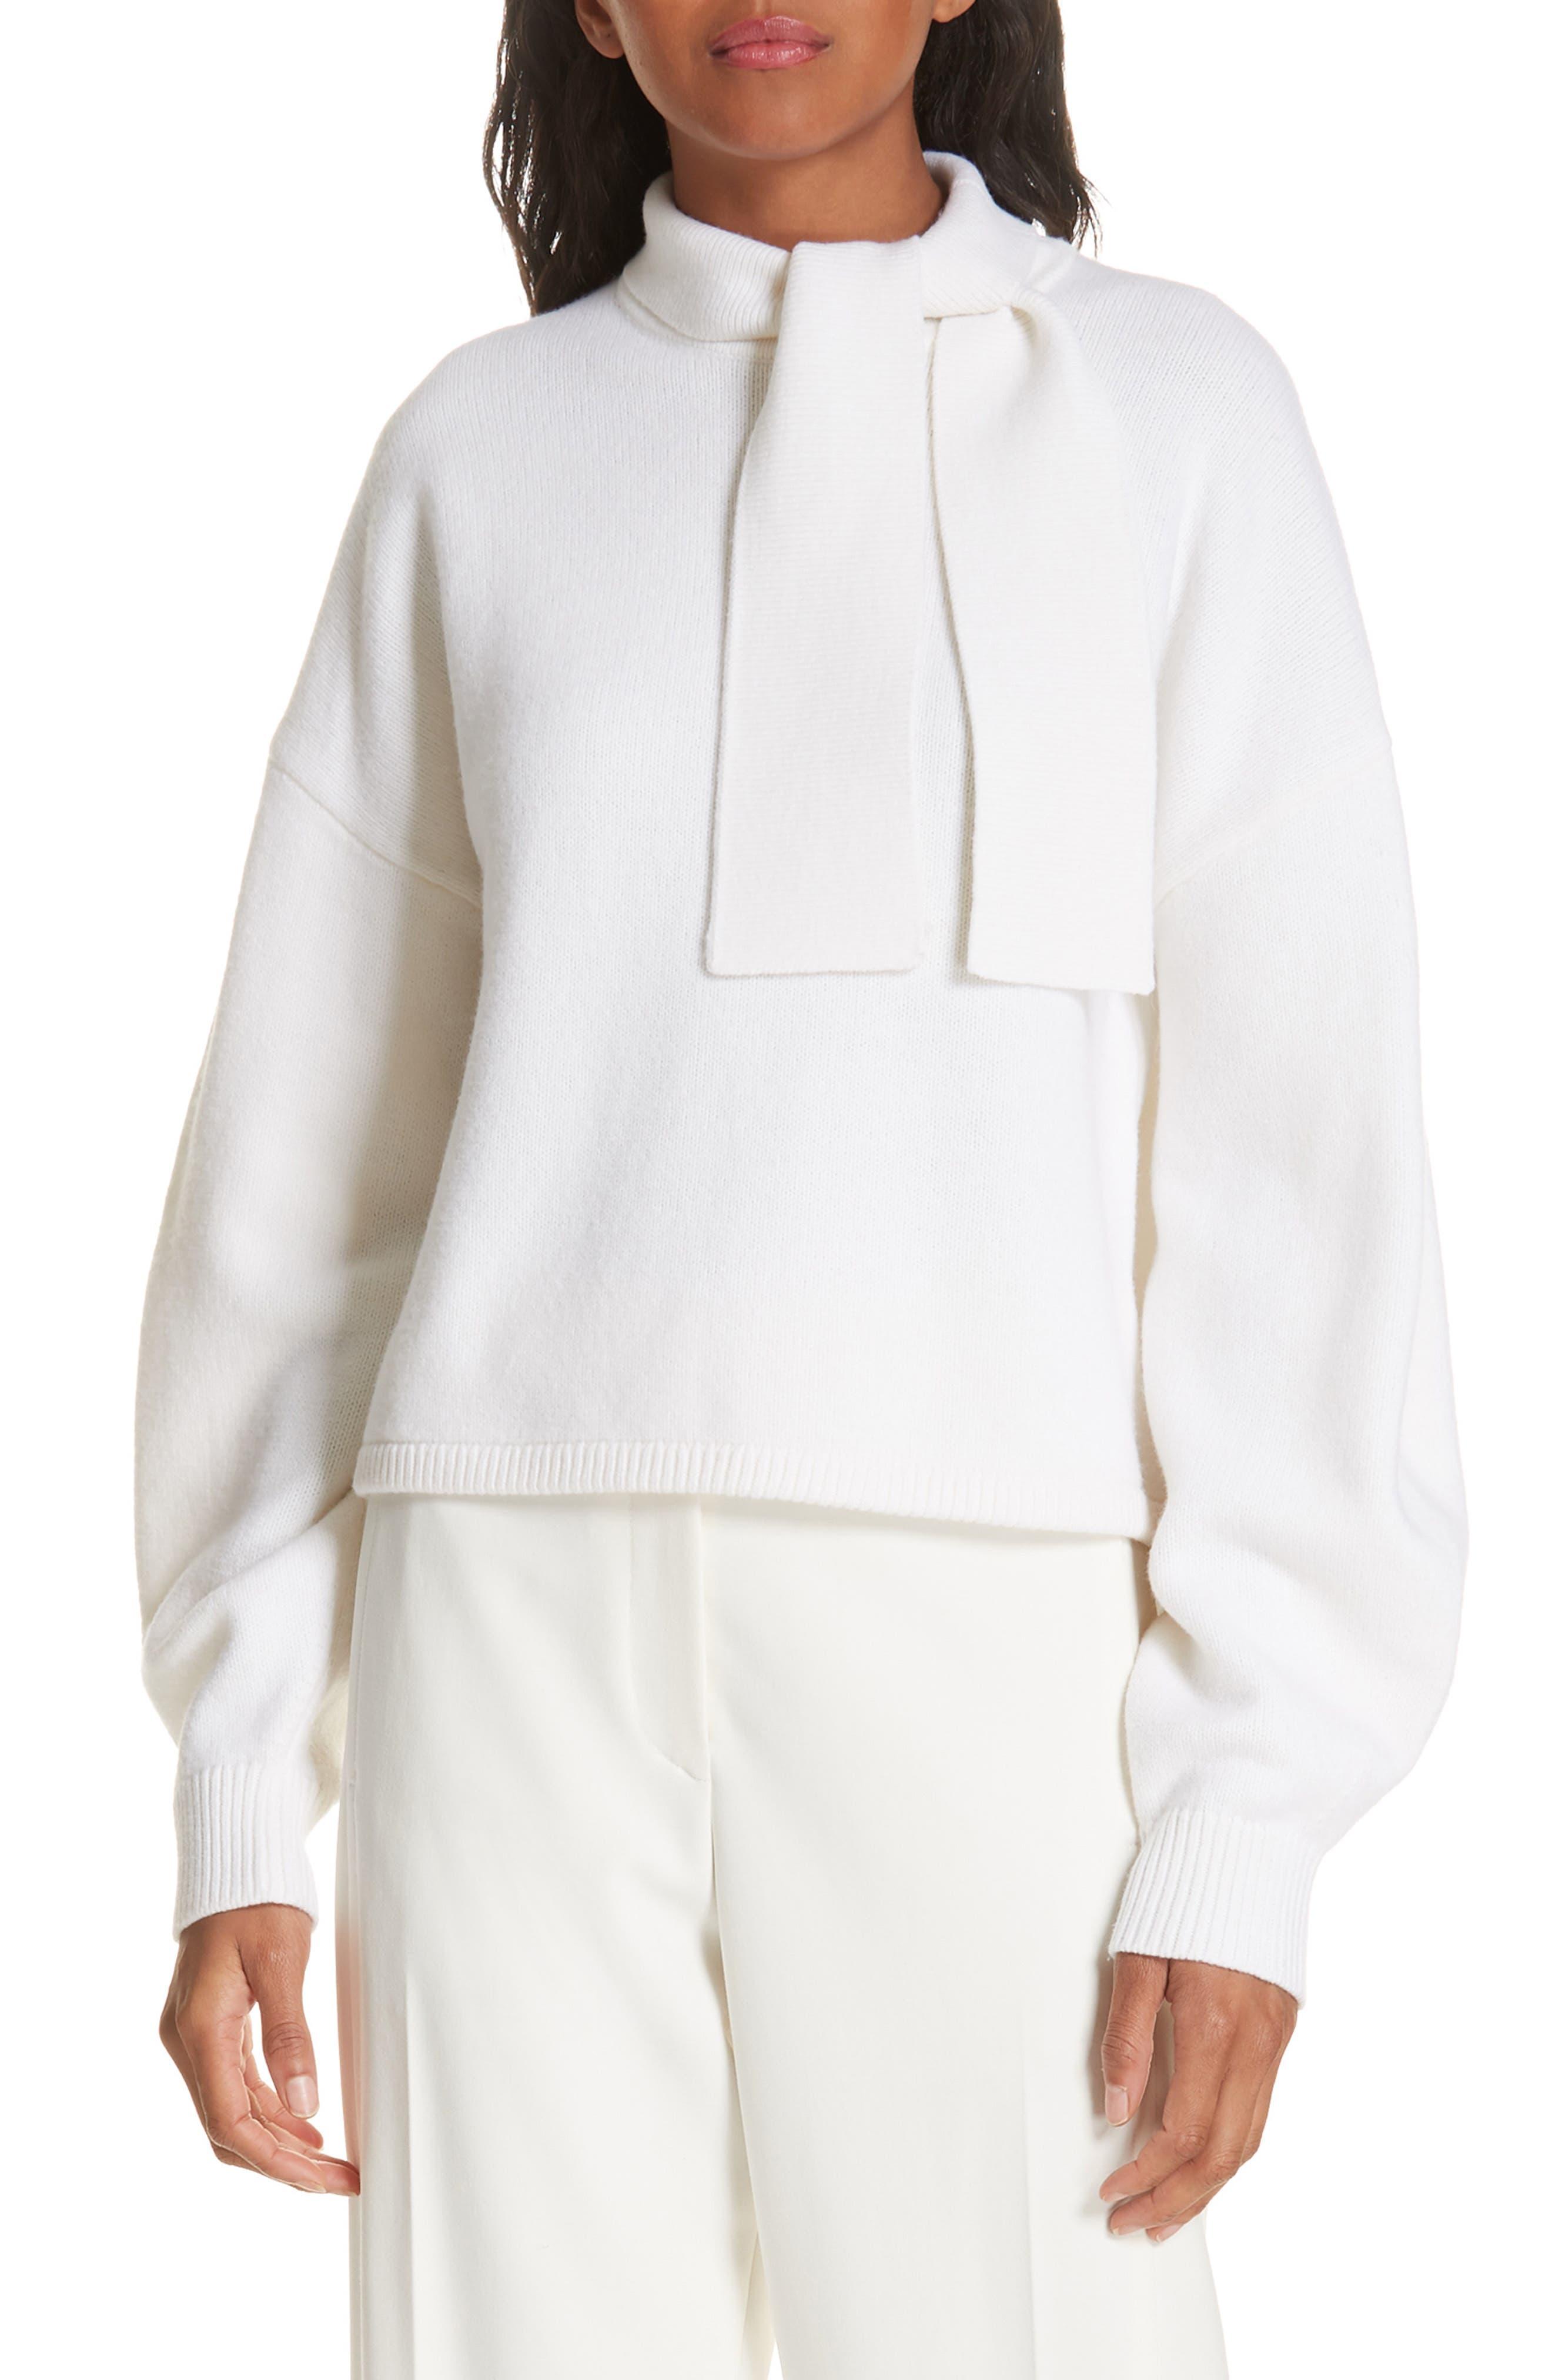 Tibi Airy Merino Wool Blend Sweater, Ivory